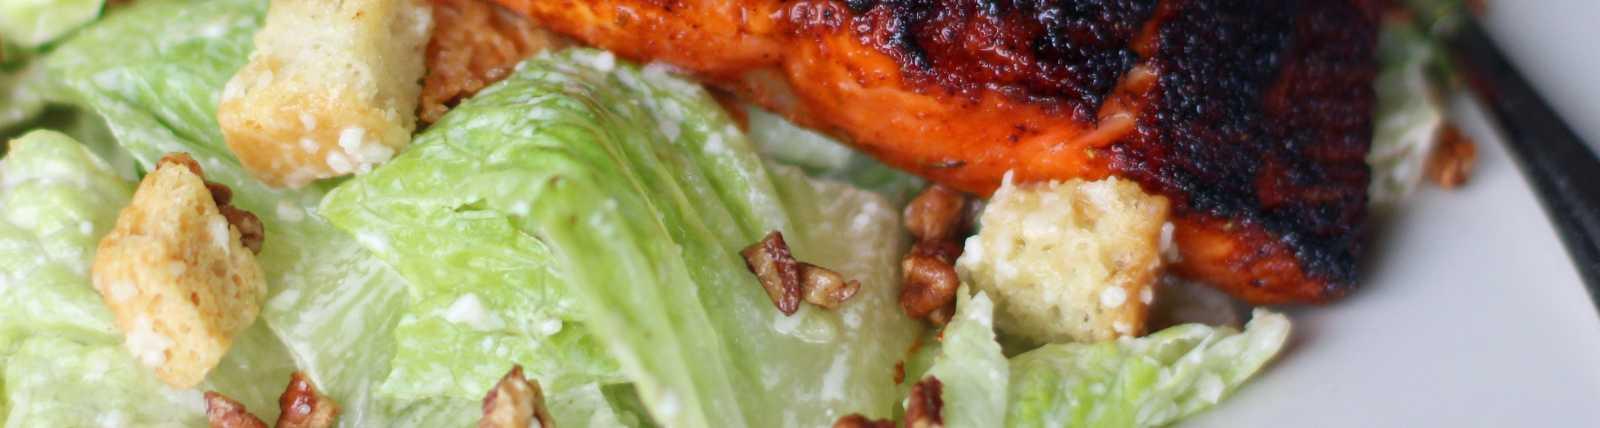 Blackened Salmon on Caesar by Celeste Stubner